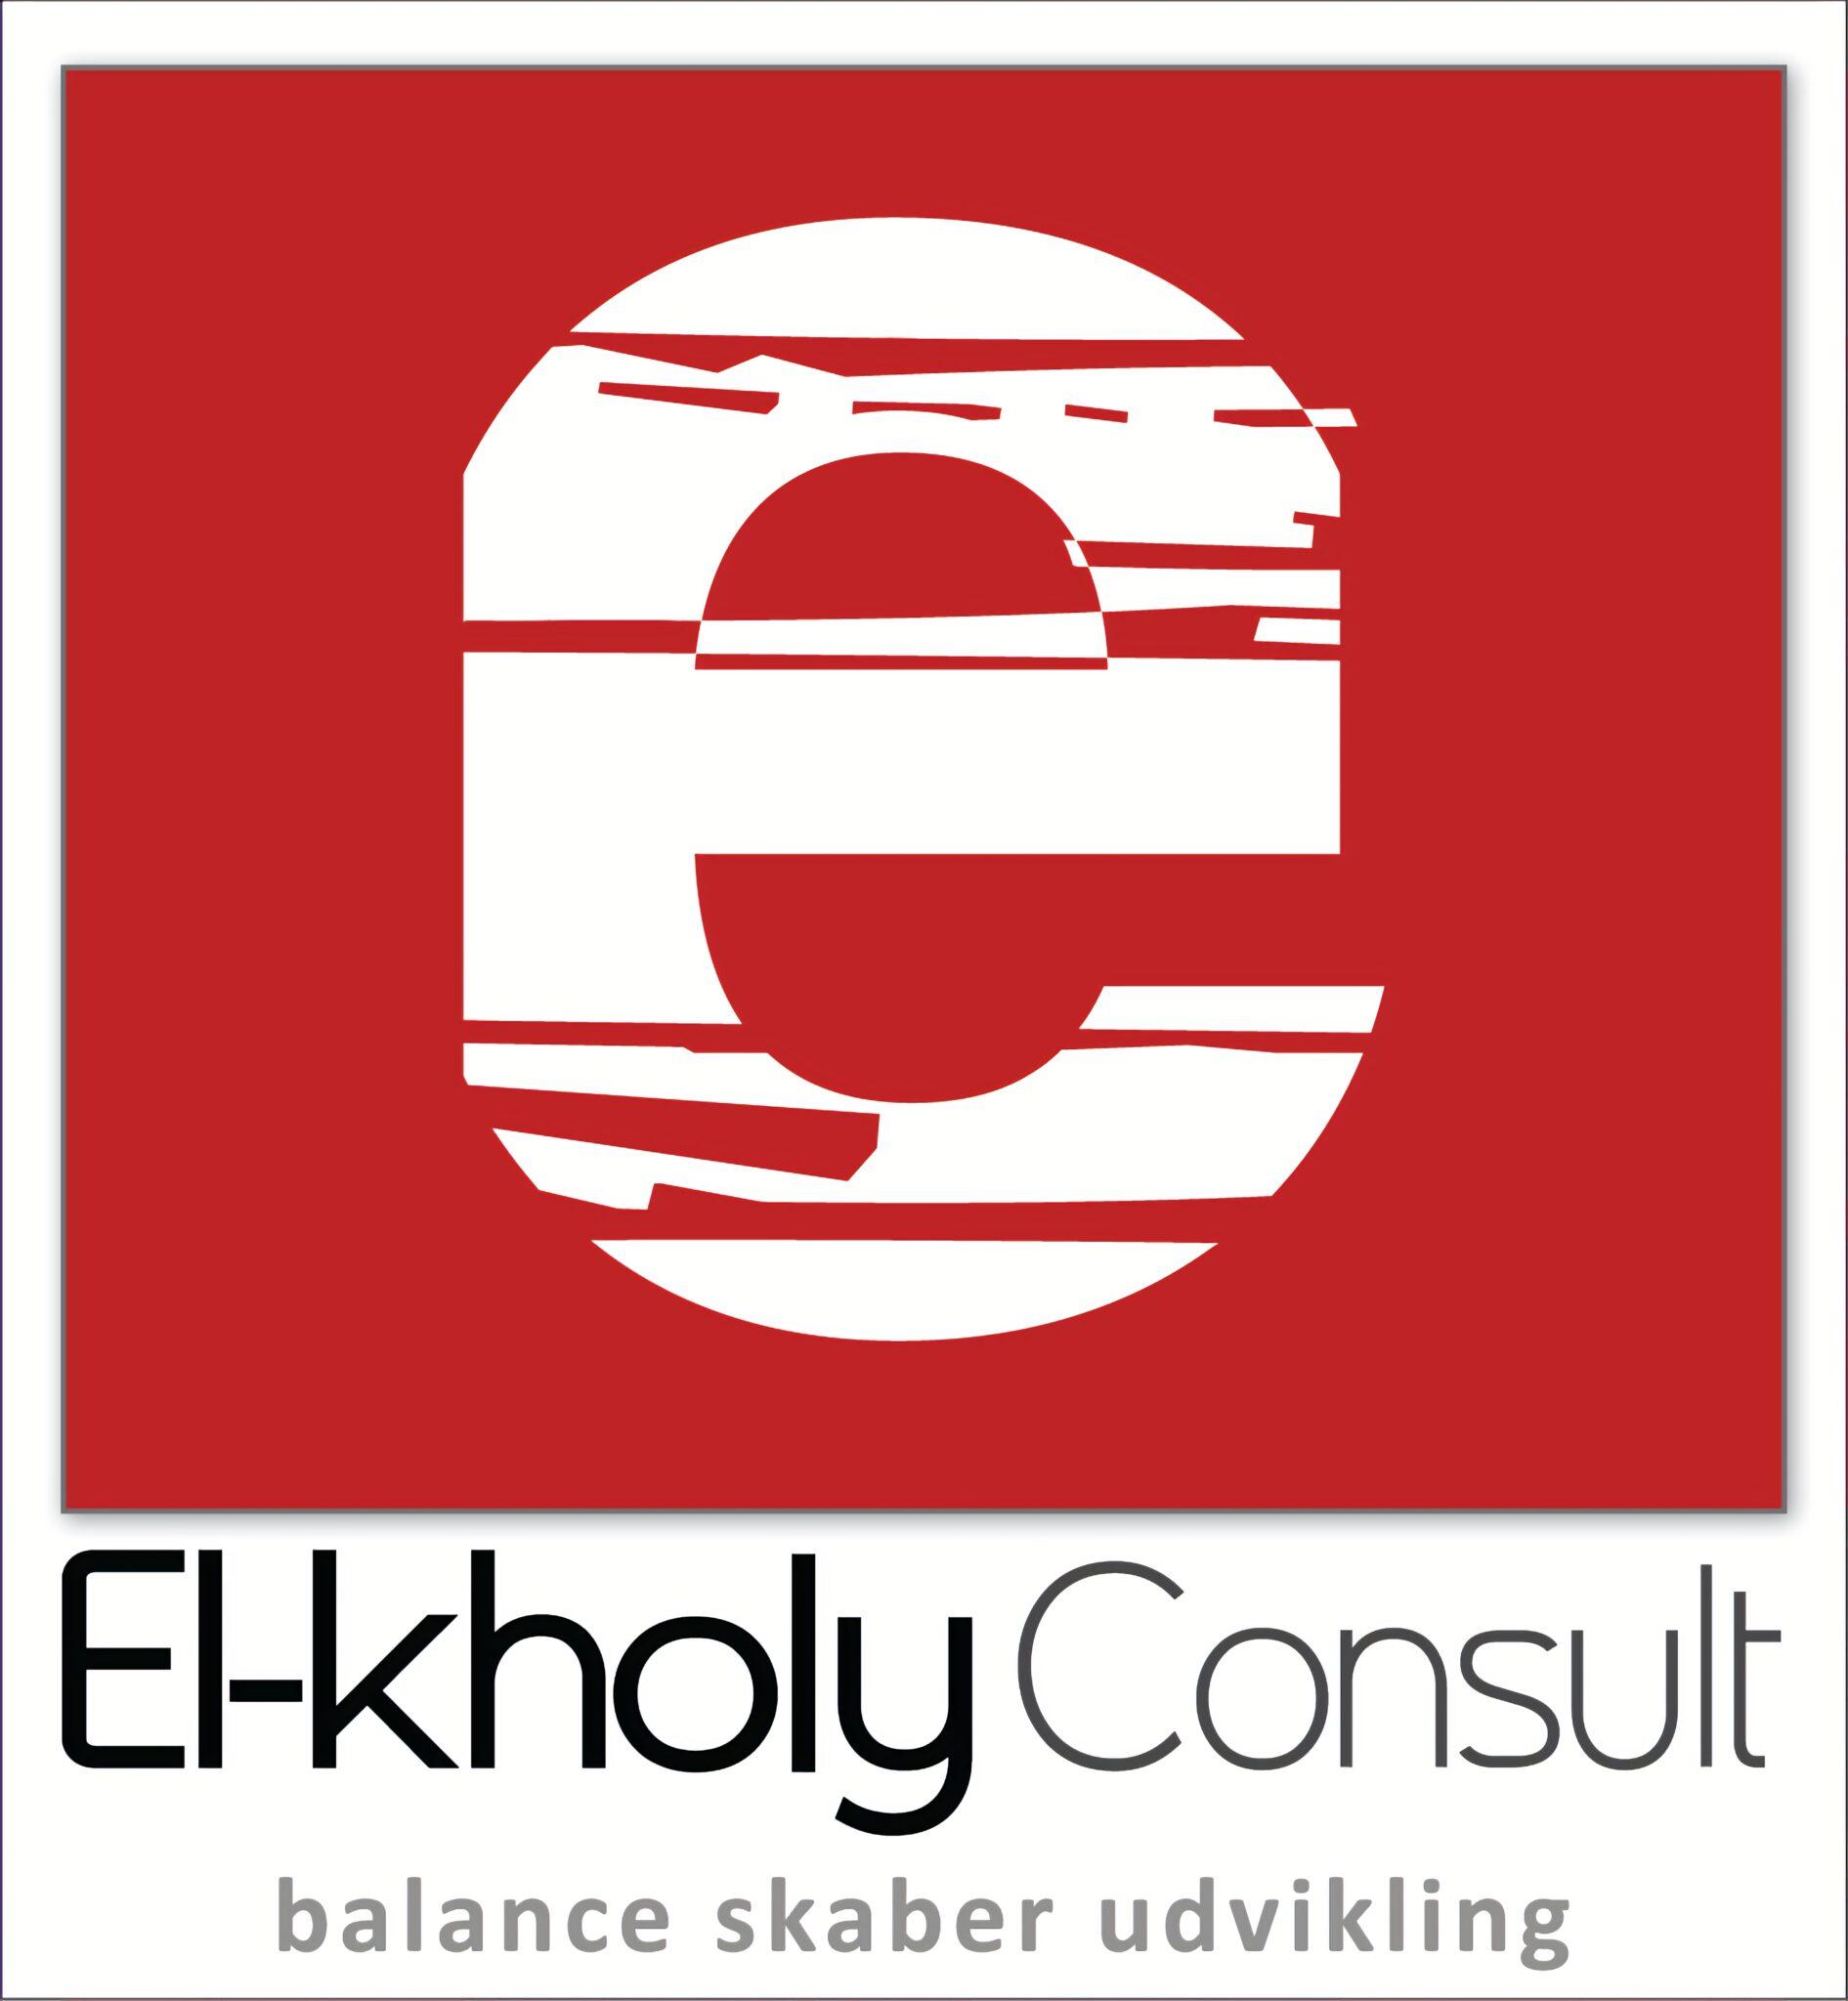 El-kholy Consult ApS